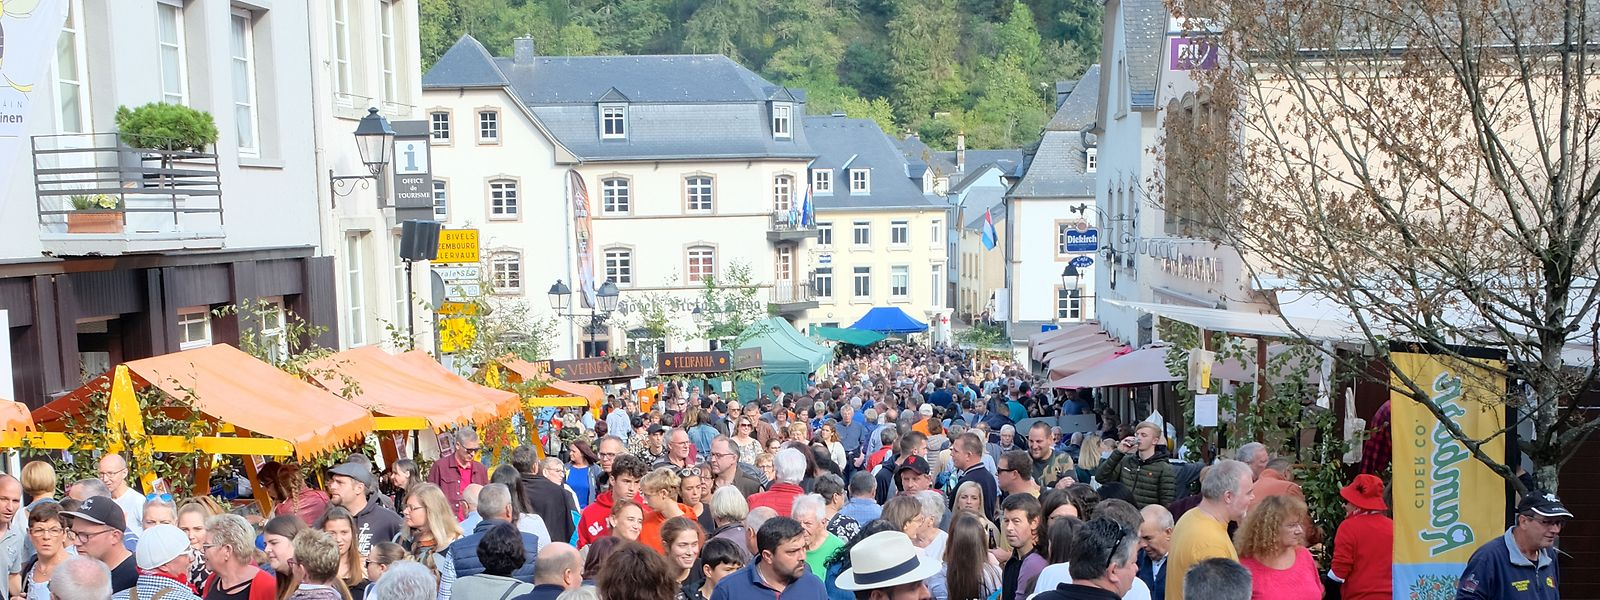 Zahlreiche Besucher fanden am Sonntag den Weg bis nach Vianden.